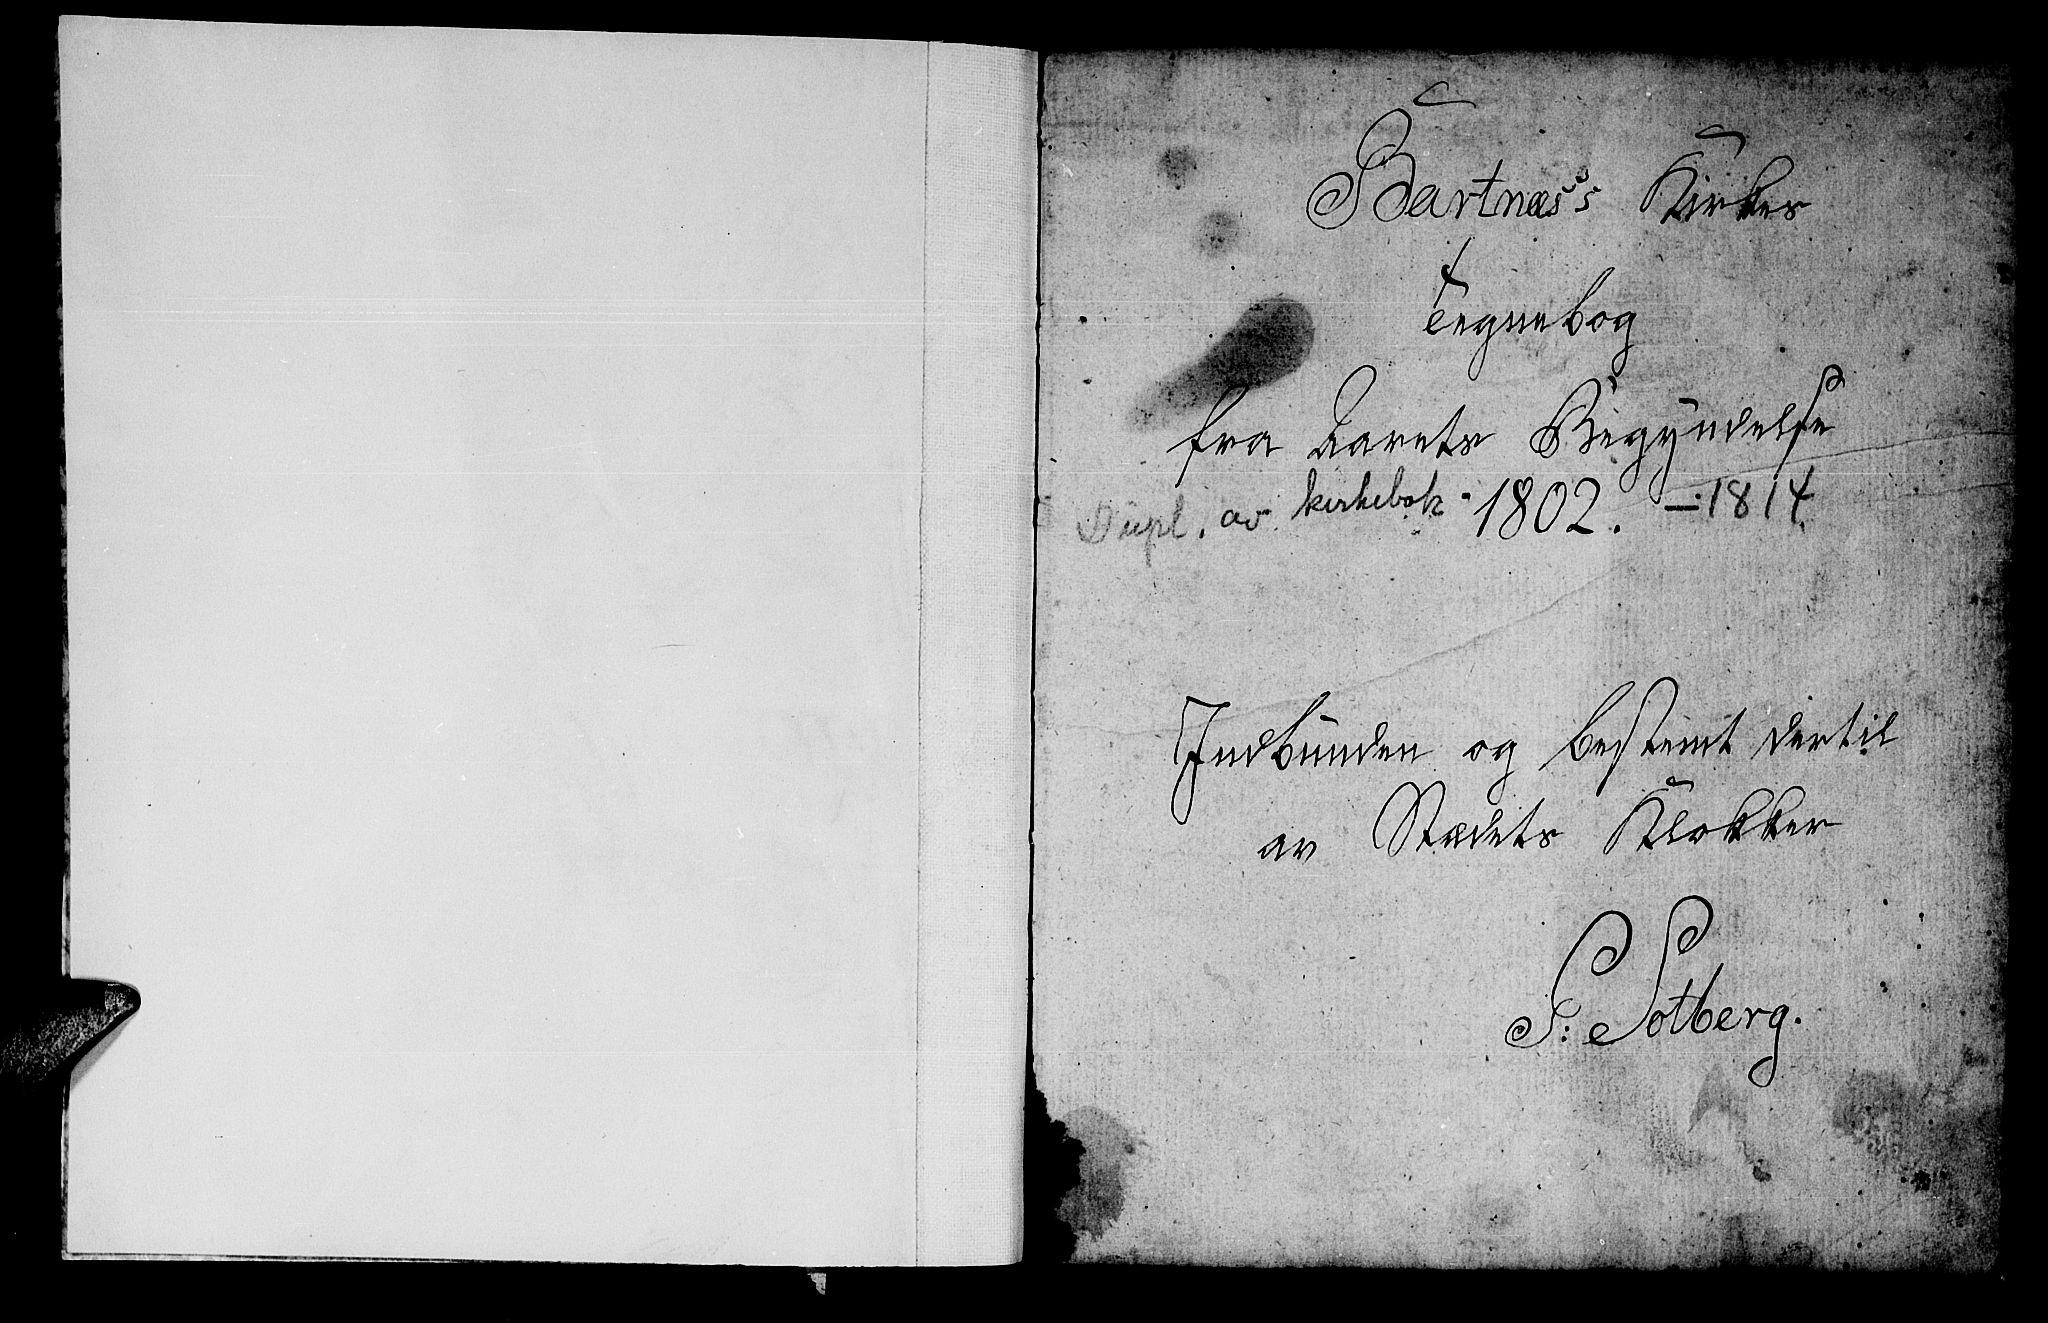 SAT, Ministerialprotokoller, klokkerbøker og fødselsregistre - Nord-Trøndelag, 745/L0432: Klokkerbok nr. 745C01, 1802-1814